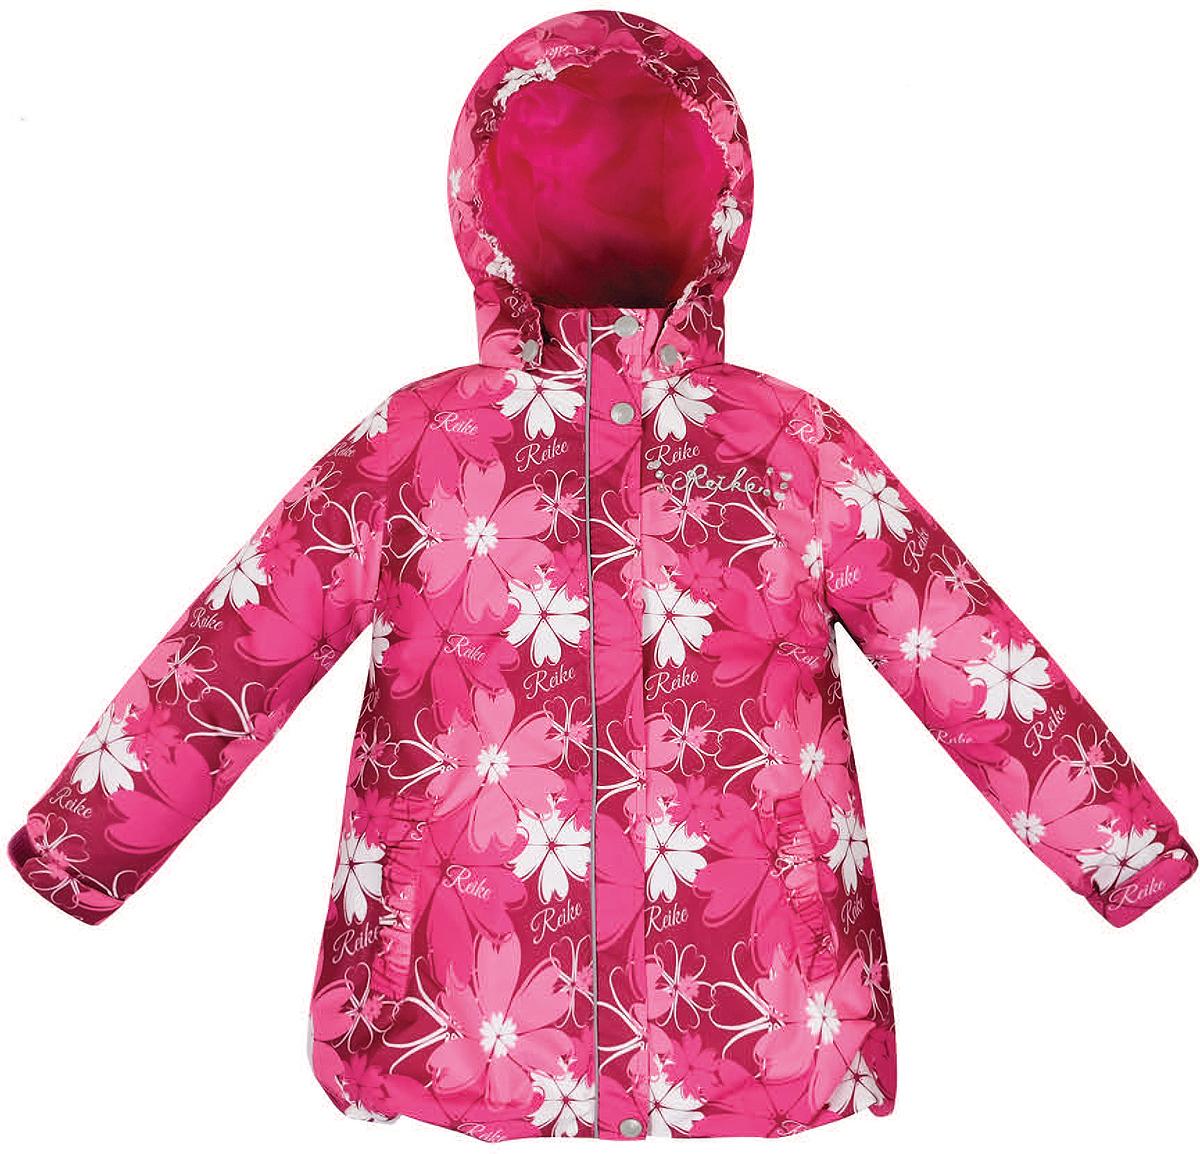 Куртка для девочки Reike Космея, цвет: бордовый. 36946003. Размер 128, 8 лет36 946 003_Cosmei bordeauxСтильная куртка для девочки Reike Космея выполнена из ветрозащитного, водоотталкивающего и дышащего материала с подкладкой из микрофлиса, обеспечивающей дополнительный комфорт. Модель с воротником-стойкой, защищающим от ветра, застегивается на молнию с ветрозащитной планкой на кнопках и оформлена цветочным принтом в стиле серии. Манжеты рукавов на резинке дополнительно регулируются с помощью липучек. Модель дополнена съемным капюшоном, утянутым резинкой, двумя прорезными карманами, утяжкой по низу изделия и светоотражающими элементами. На груди куртка декорирована серебристой вышивкой и стразами. Особенности изделия:- базовый уровень; - коэффициент воздухопроницаемости: 2000гр/м2/24 ч;- водоотталкивающее покрытие: 2000 мм.